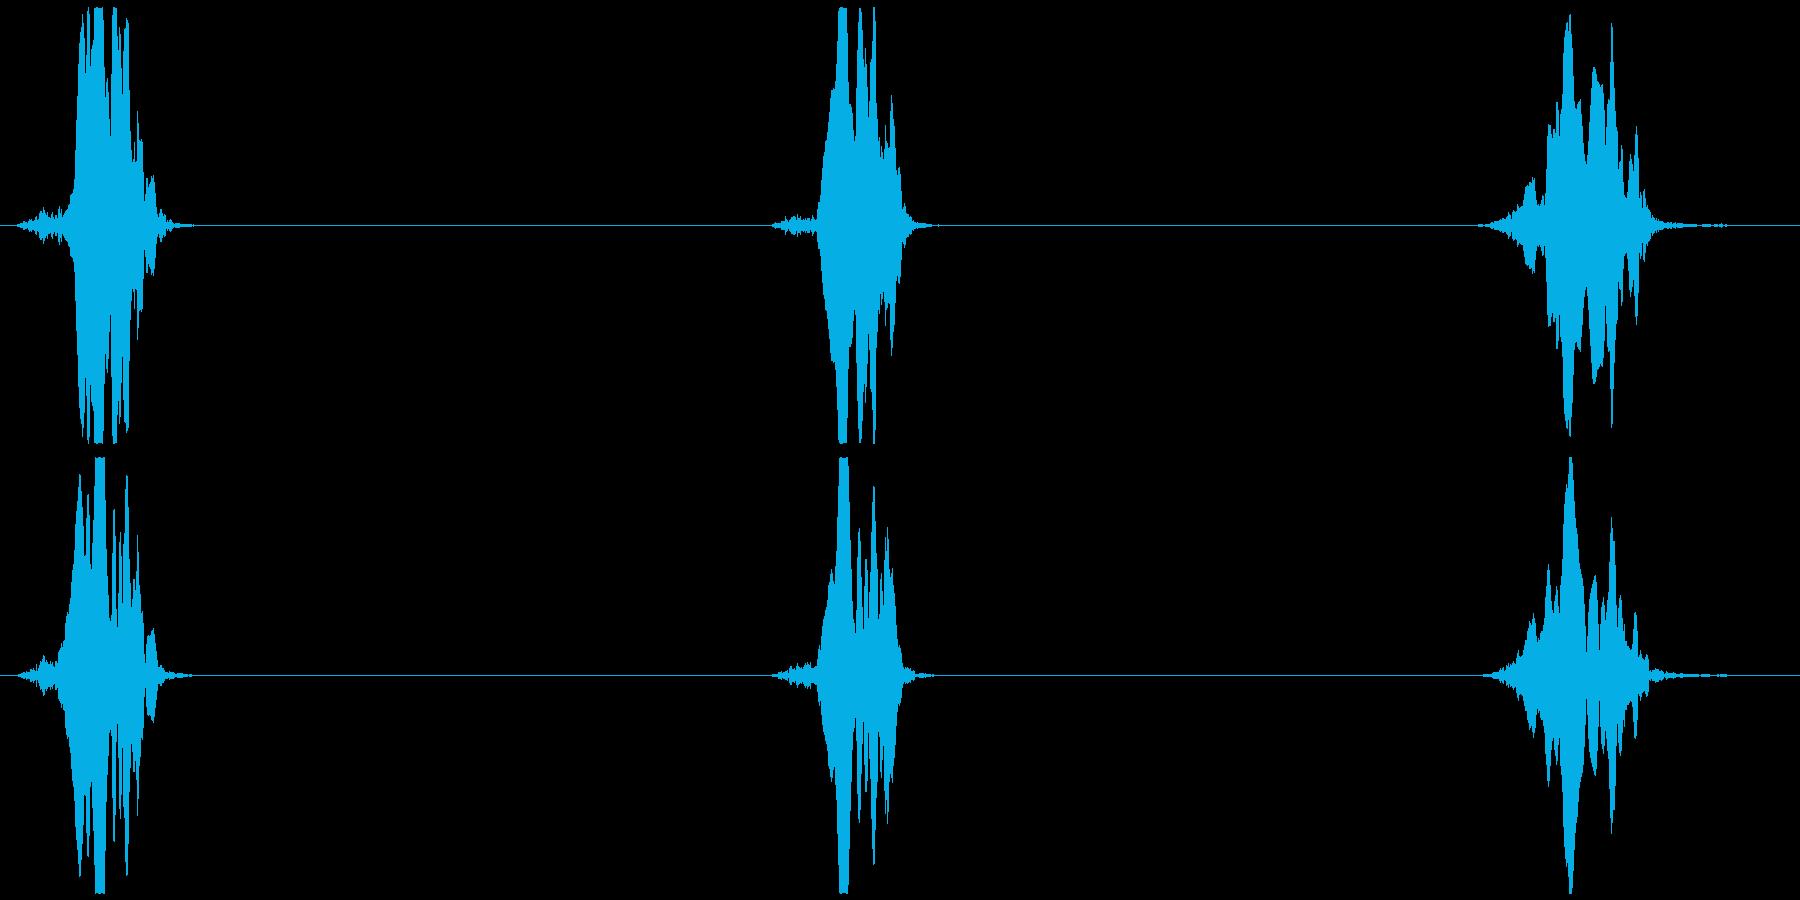 鳥の鳴き声 架空/想像 ヒヨッ×3の再生済みの波形